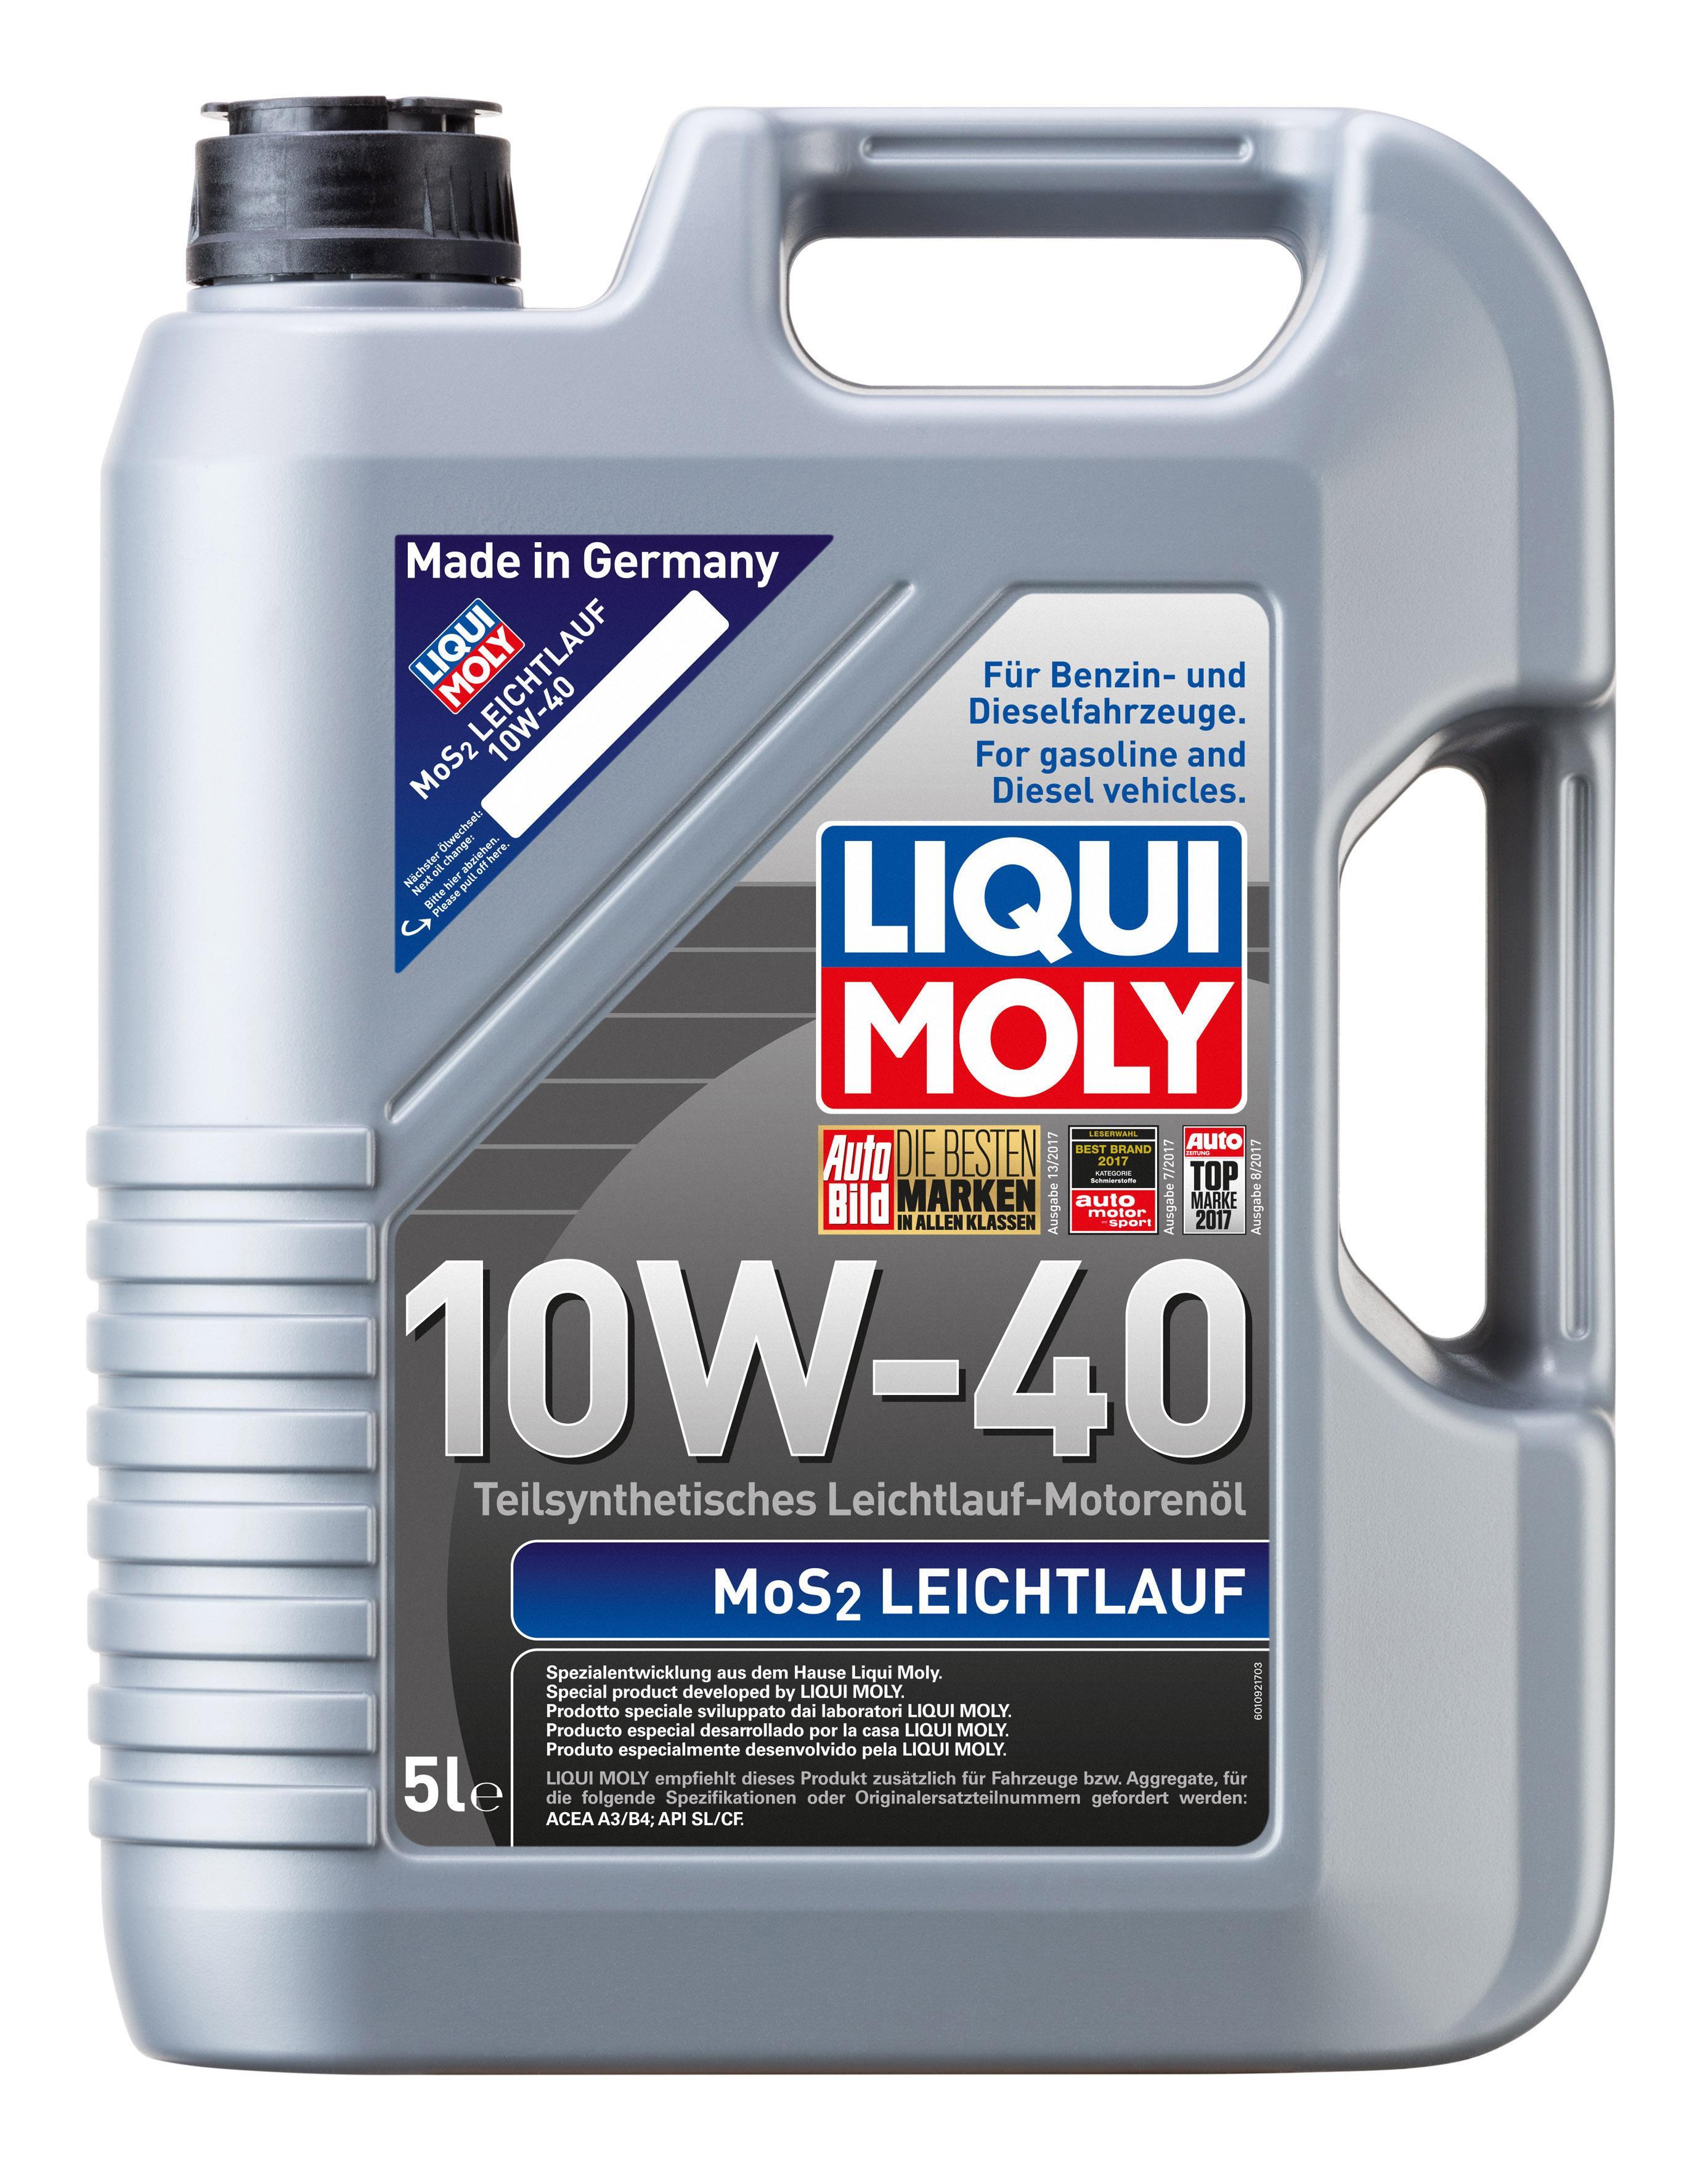 Motorový olej 1092 NISSAN LAUREL v zľave – kupujte hneď!